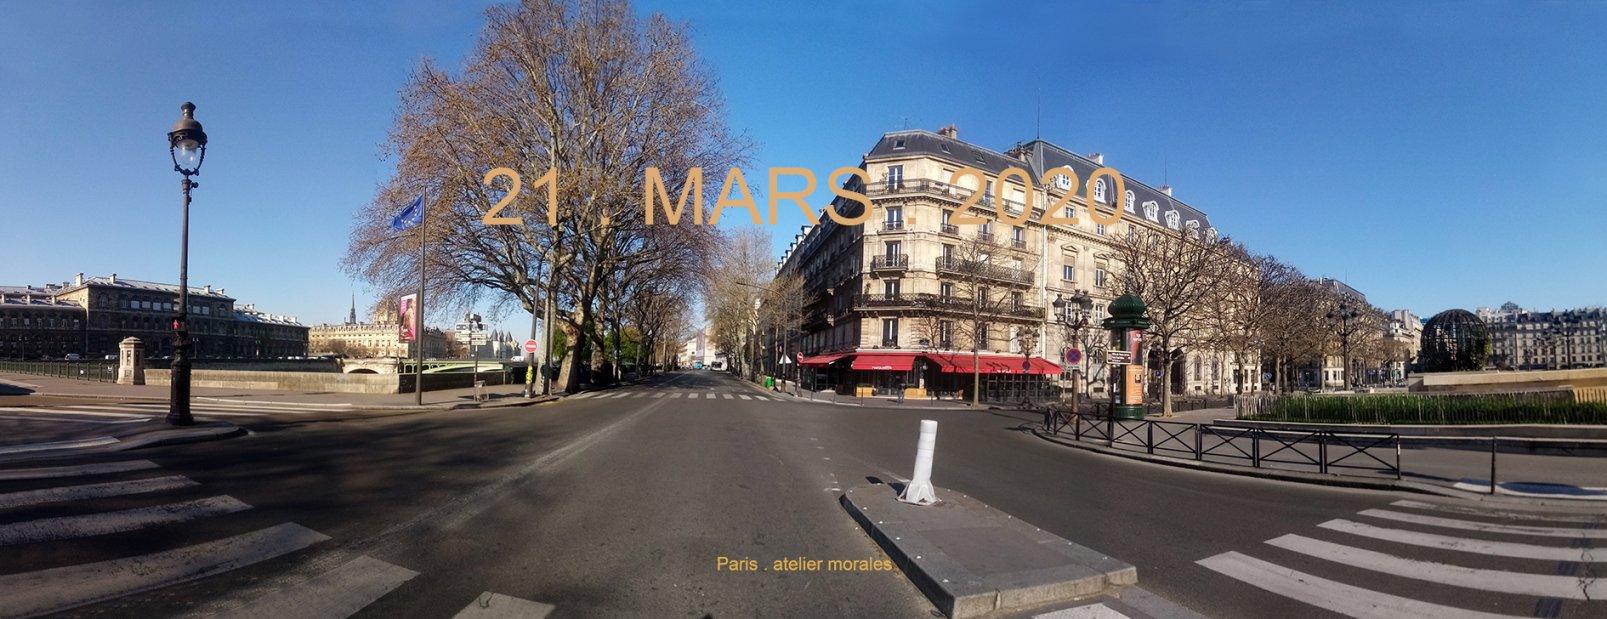 6eme jour de confinemenT. 21 mars 2020. Quai de l'Hôtel de Ville. Quai des Gesvres Paris (2020) - Teresa Ayuso & Juan Luis Morales  - Atelier Morales